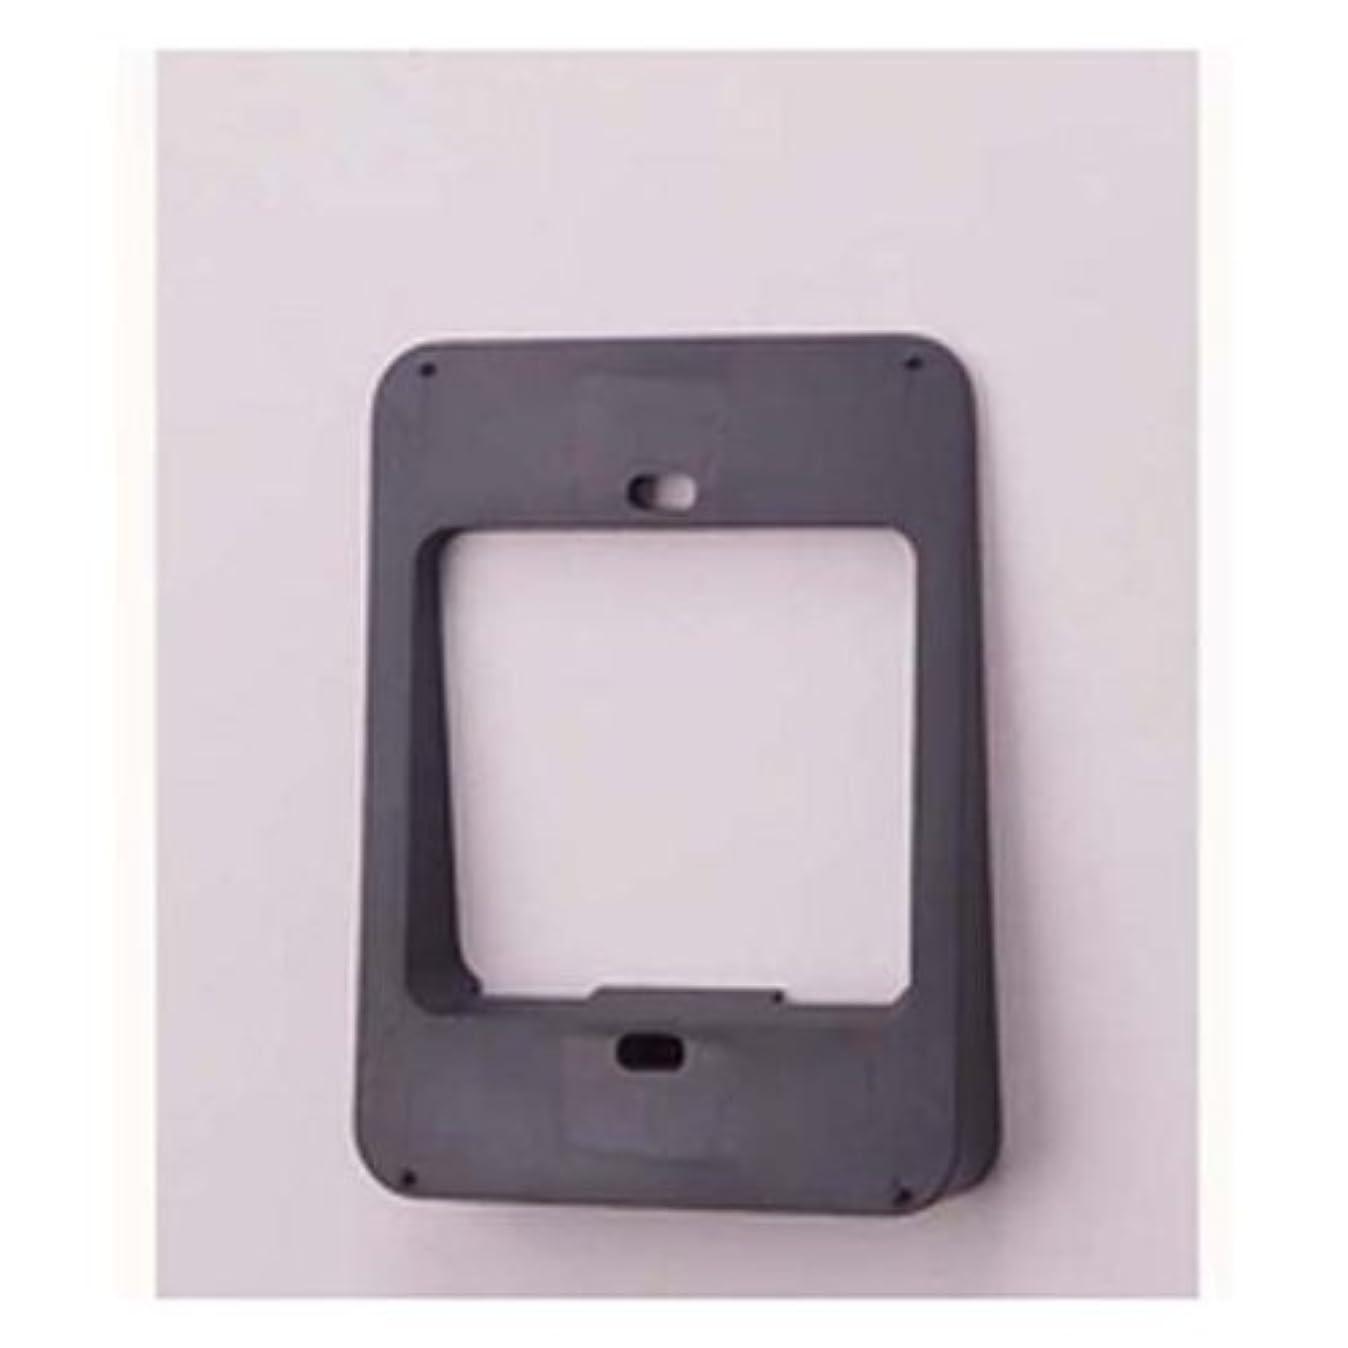 おめでとうオーク差別化するアイホン MLW-DT白黒カメラ付玄関子機用カメラ角度調整台